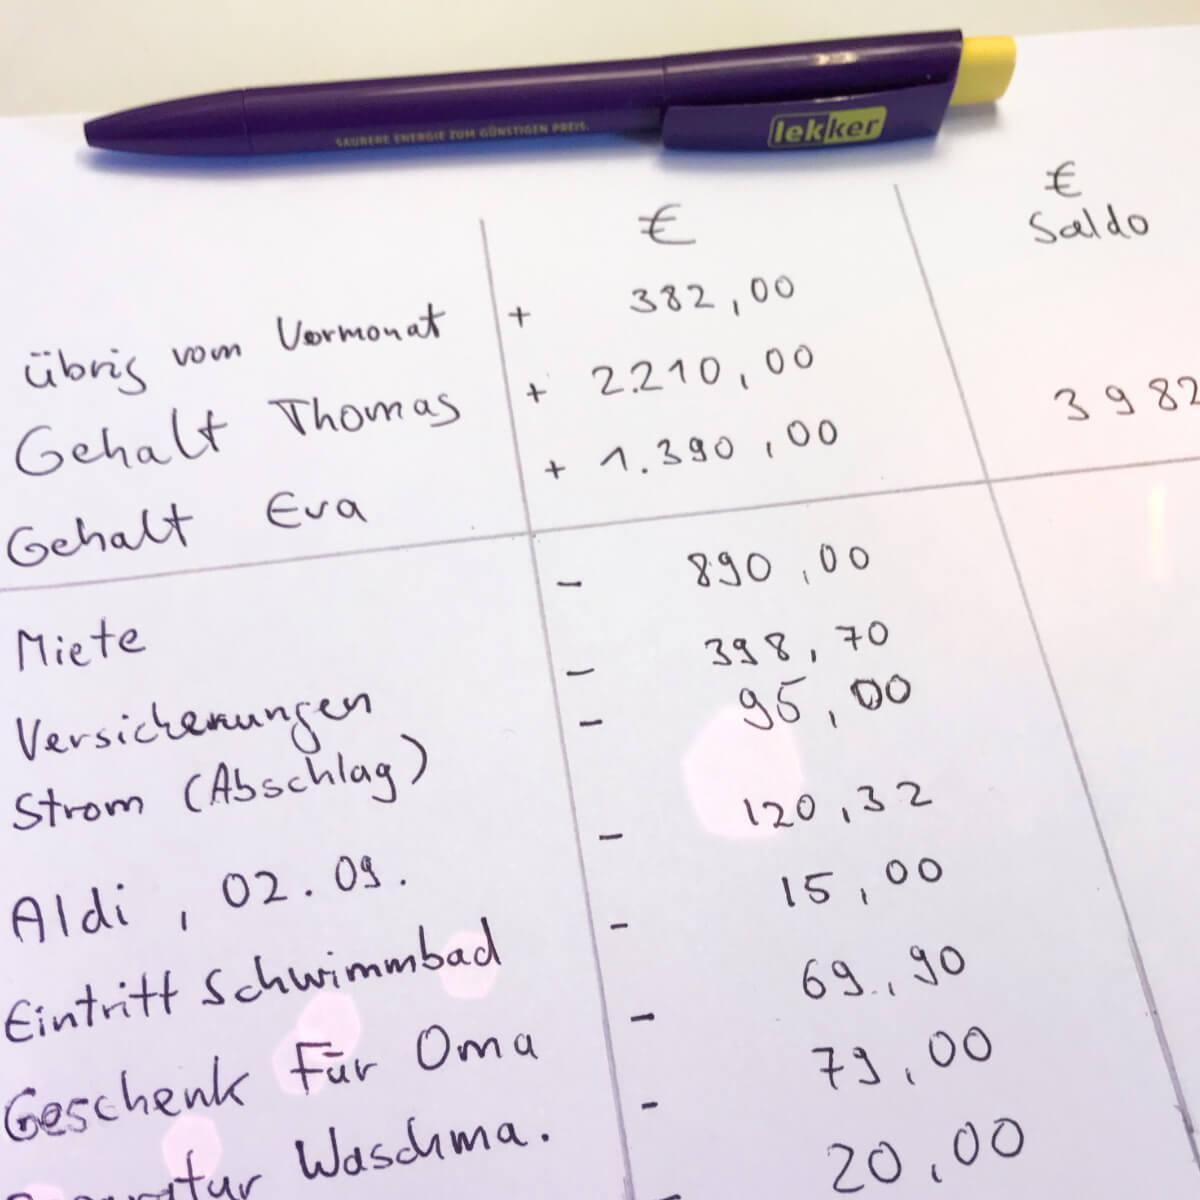 Mit einem Haushaltsbuch kannst du Sparpotenziale ermitteln. Deine HauMit einem Haushaltsbuch kannst du Sparpotenziale ermitteln. Deine Haushaltskasse freut sich. shaltskasse freut sich.